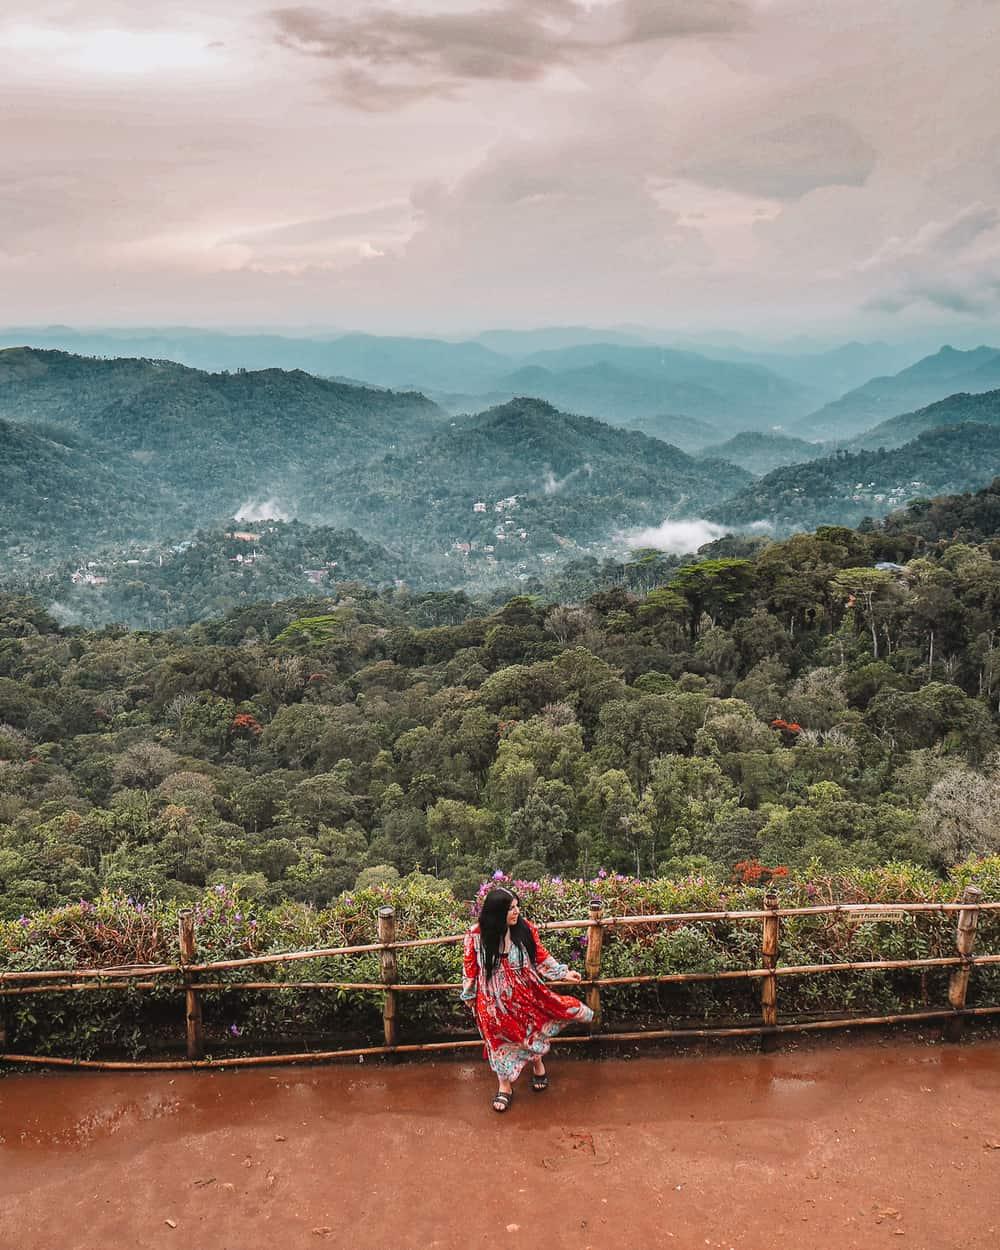 Karadipara Viewpoint | Things to do in Munnar